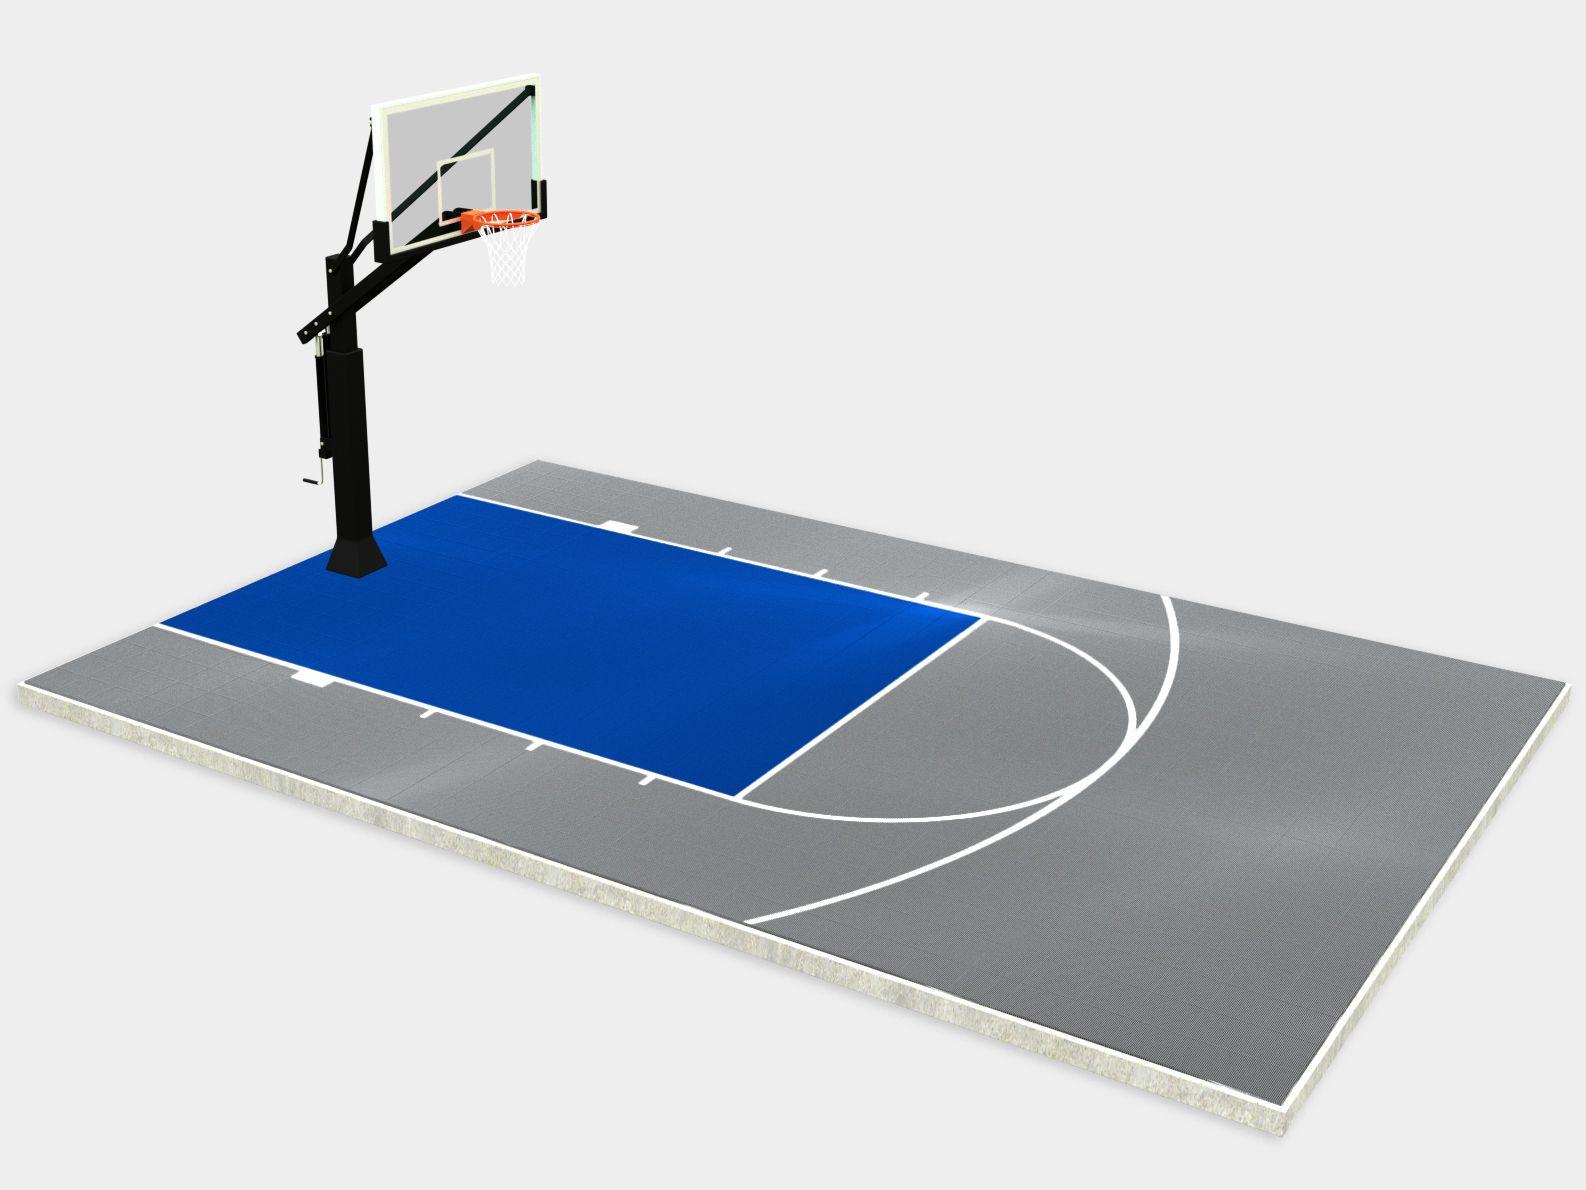 20 X 25 Basketball Court Dunkstar Diy Backyard Courts In 2020 Backyard Court Basketball Court Backyard Backyard Basketball